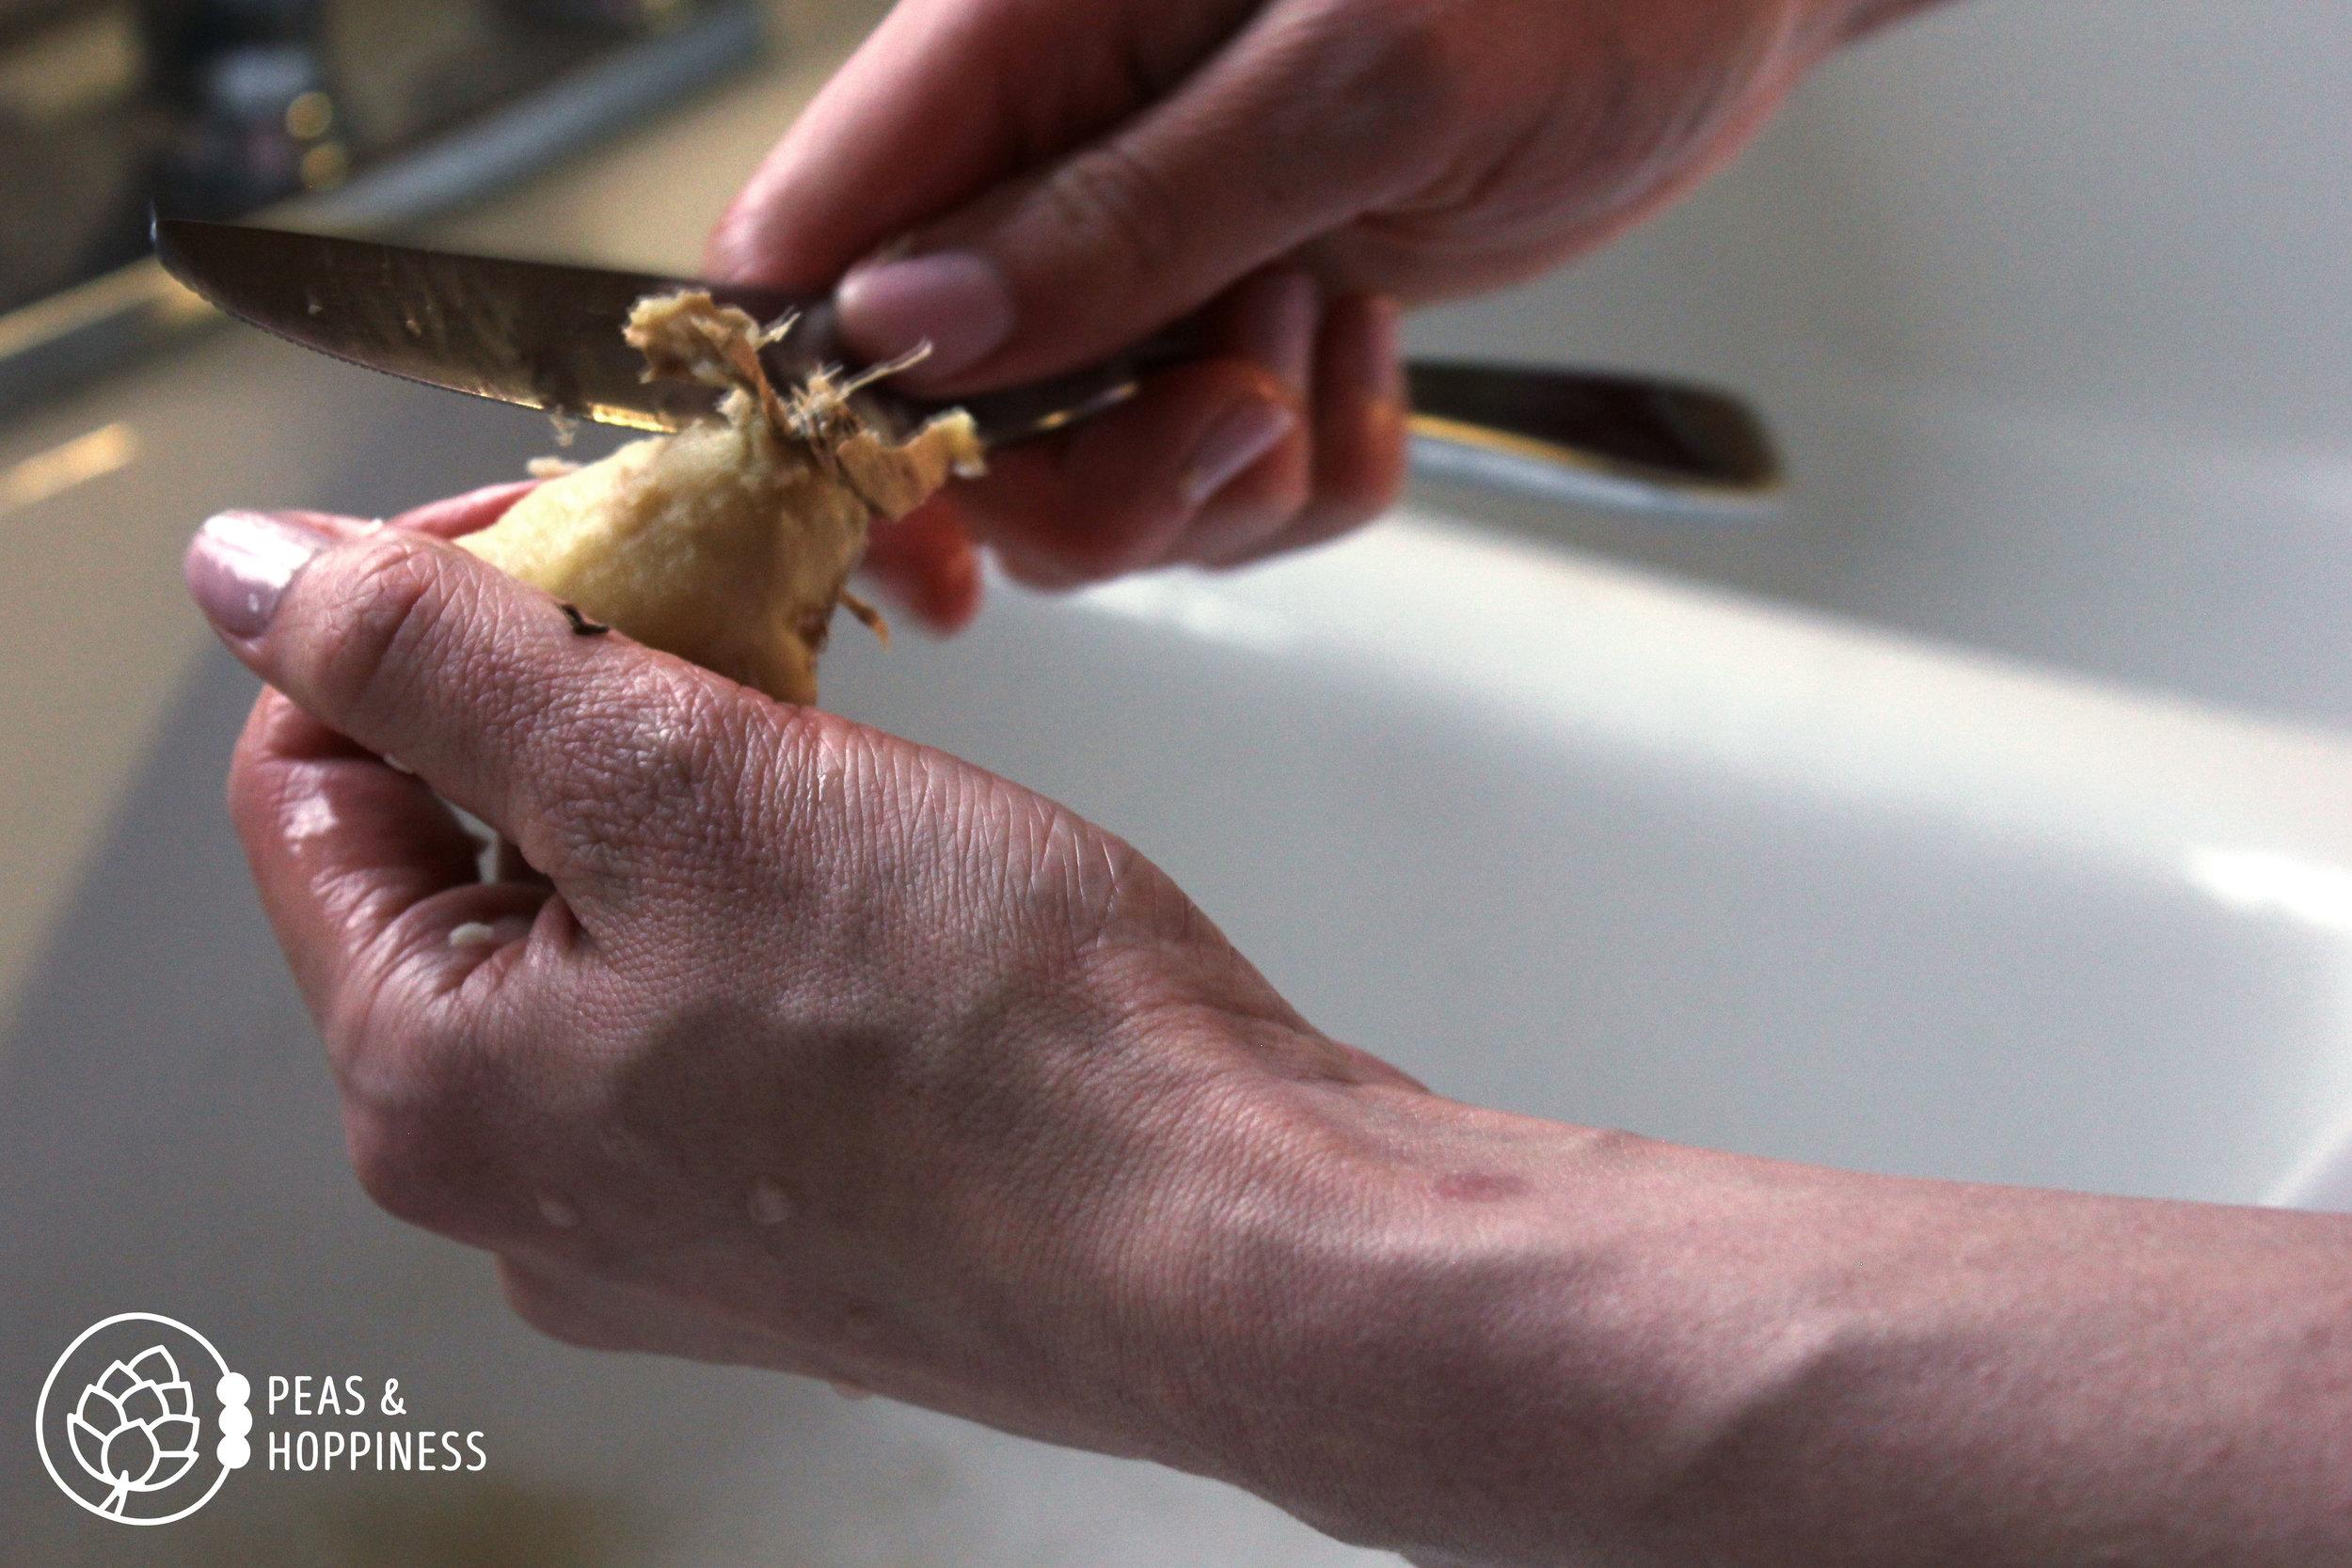 Peeling fresh ginger root